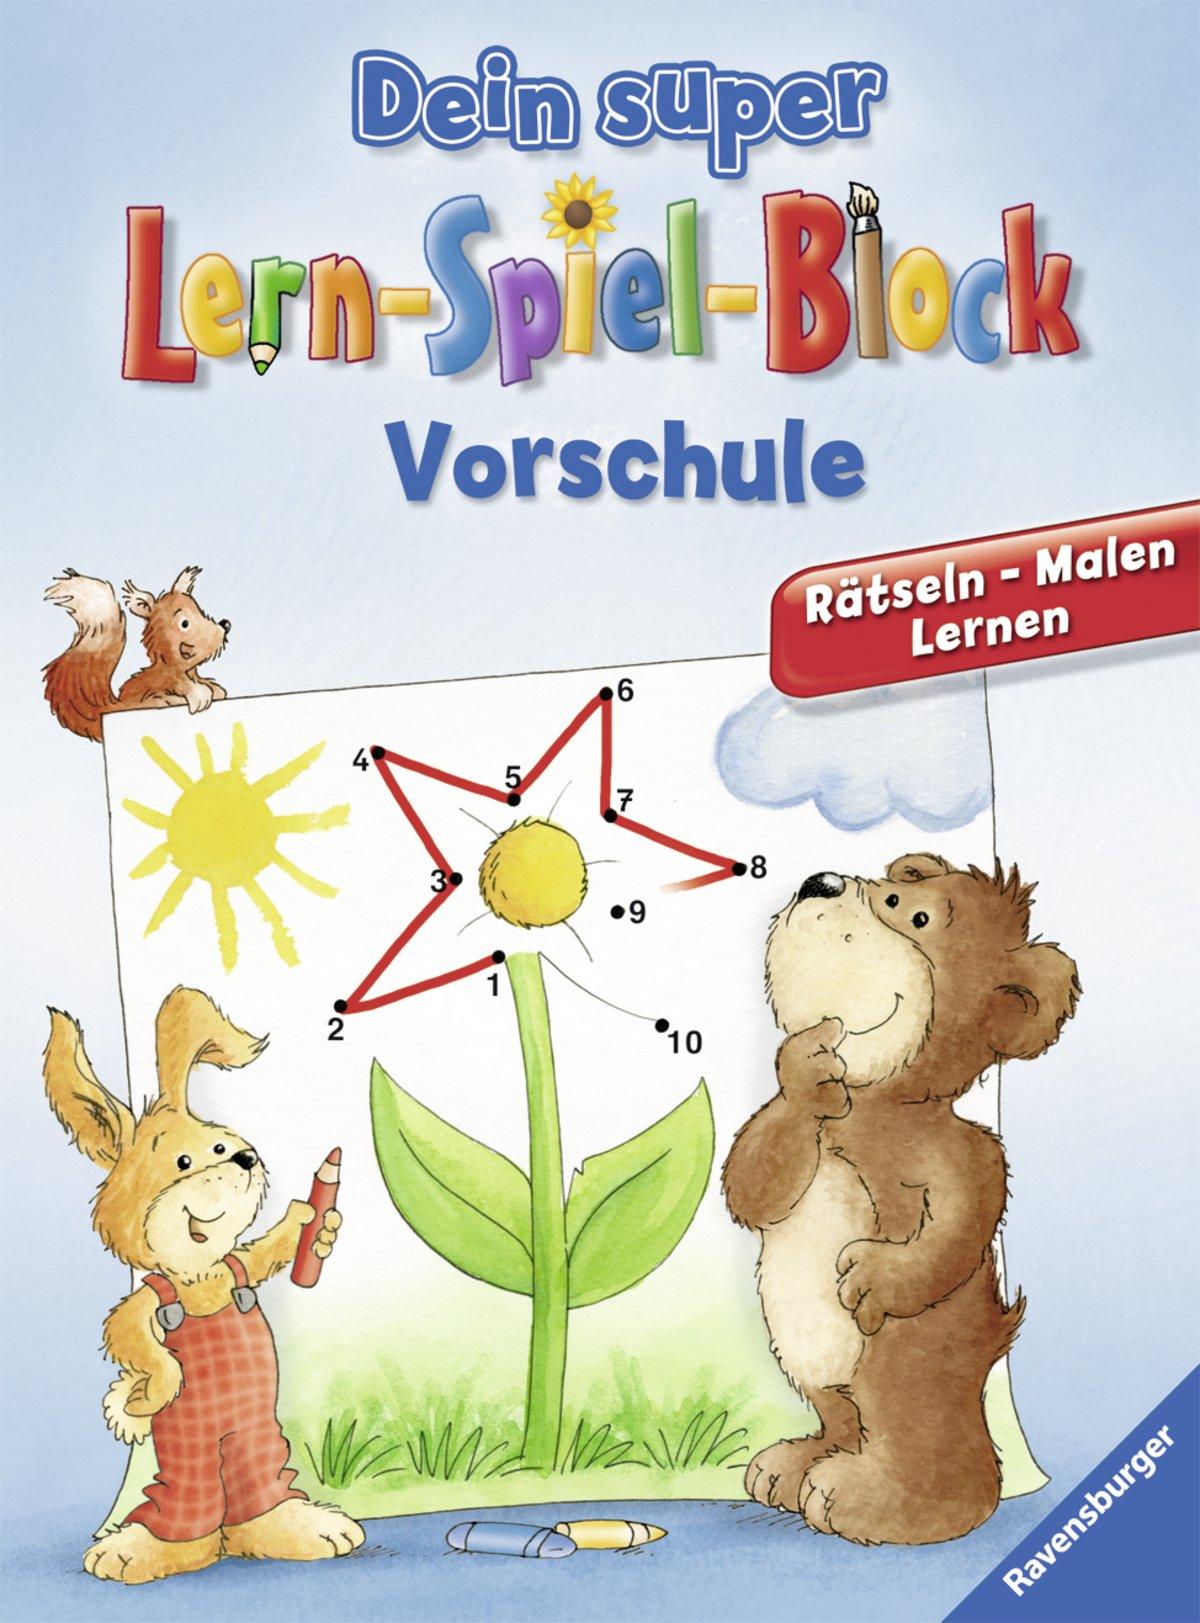 Dein super Lern-Spiel-Block Vorschule: Rätseln, Malen, Lernen ...